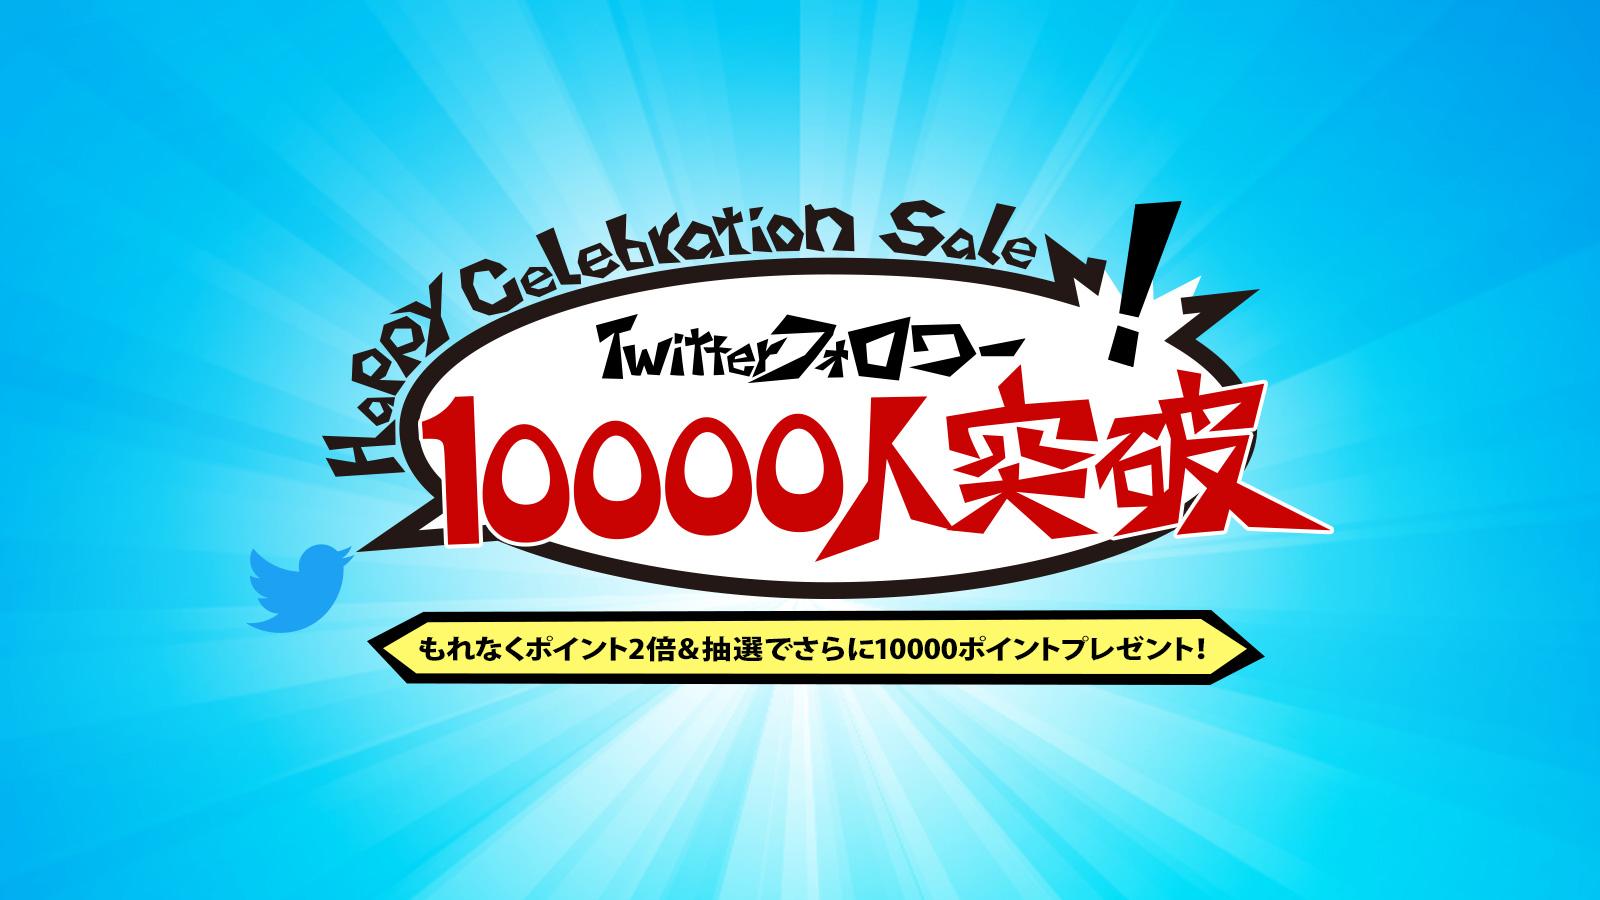 ついにフォロワー10000人突破!MIストア 「W」でお得なHappy Celebration Sale!